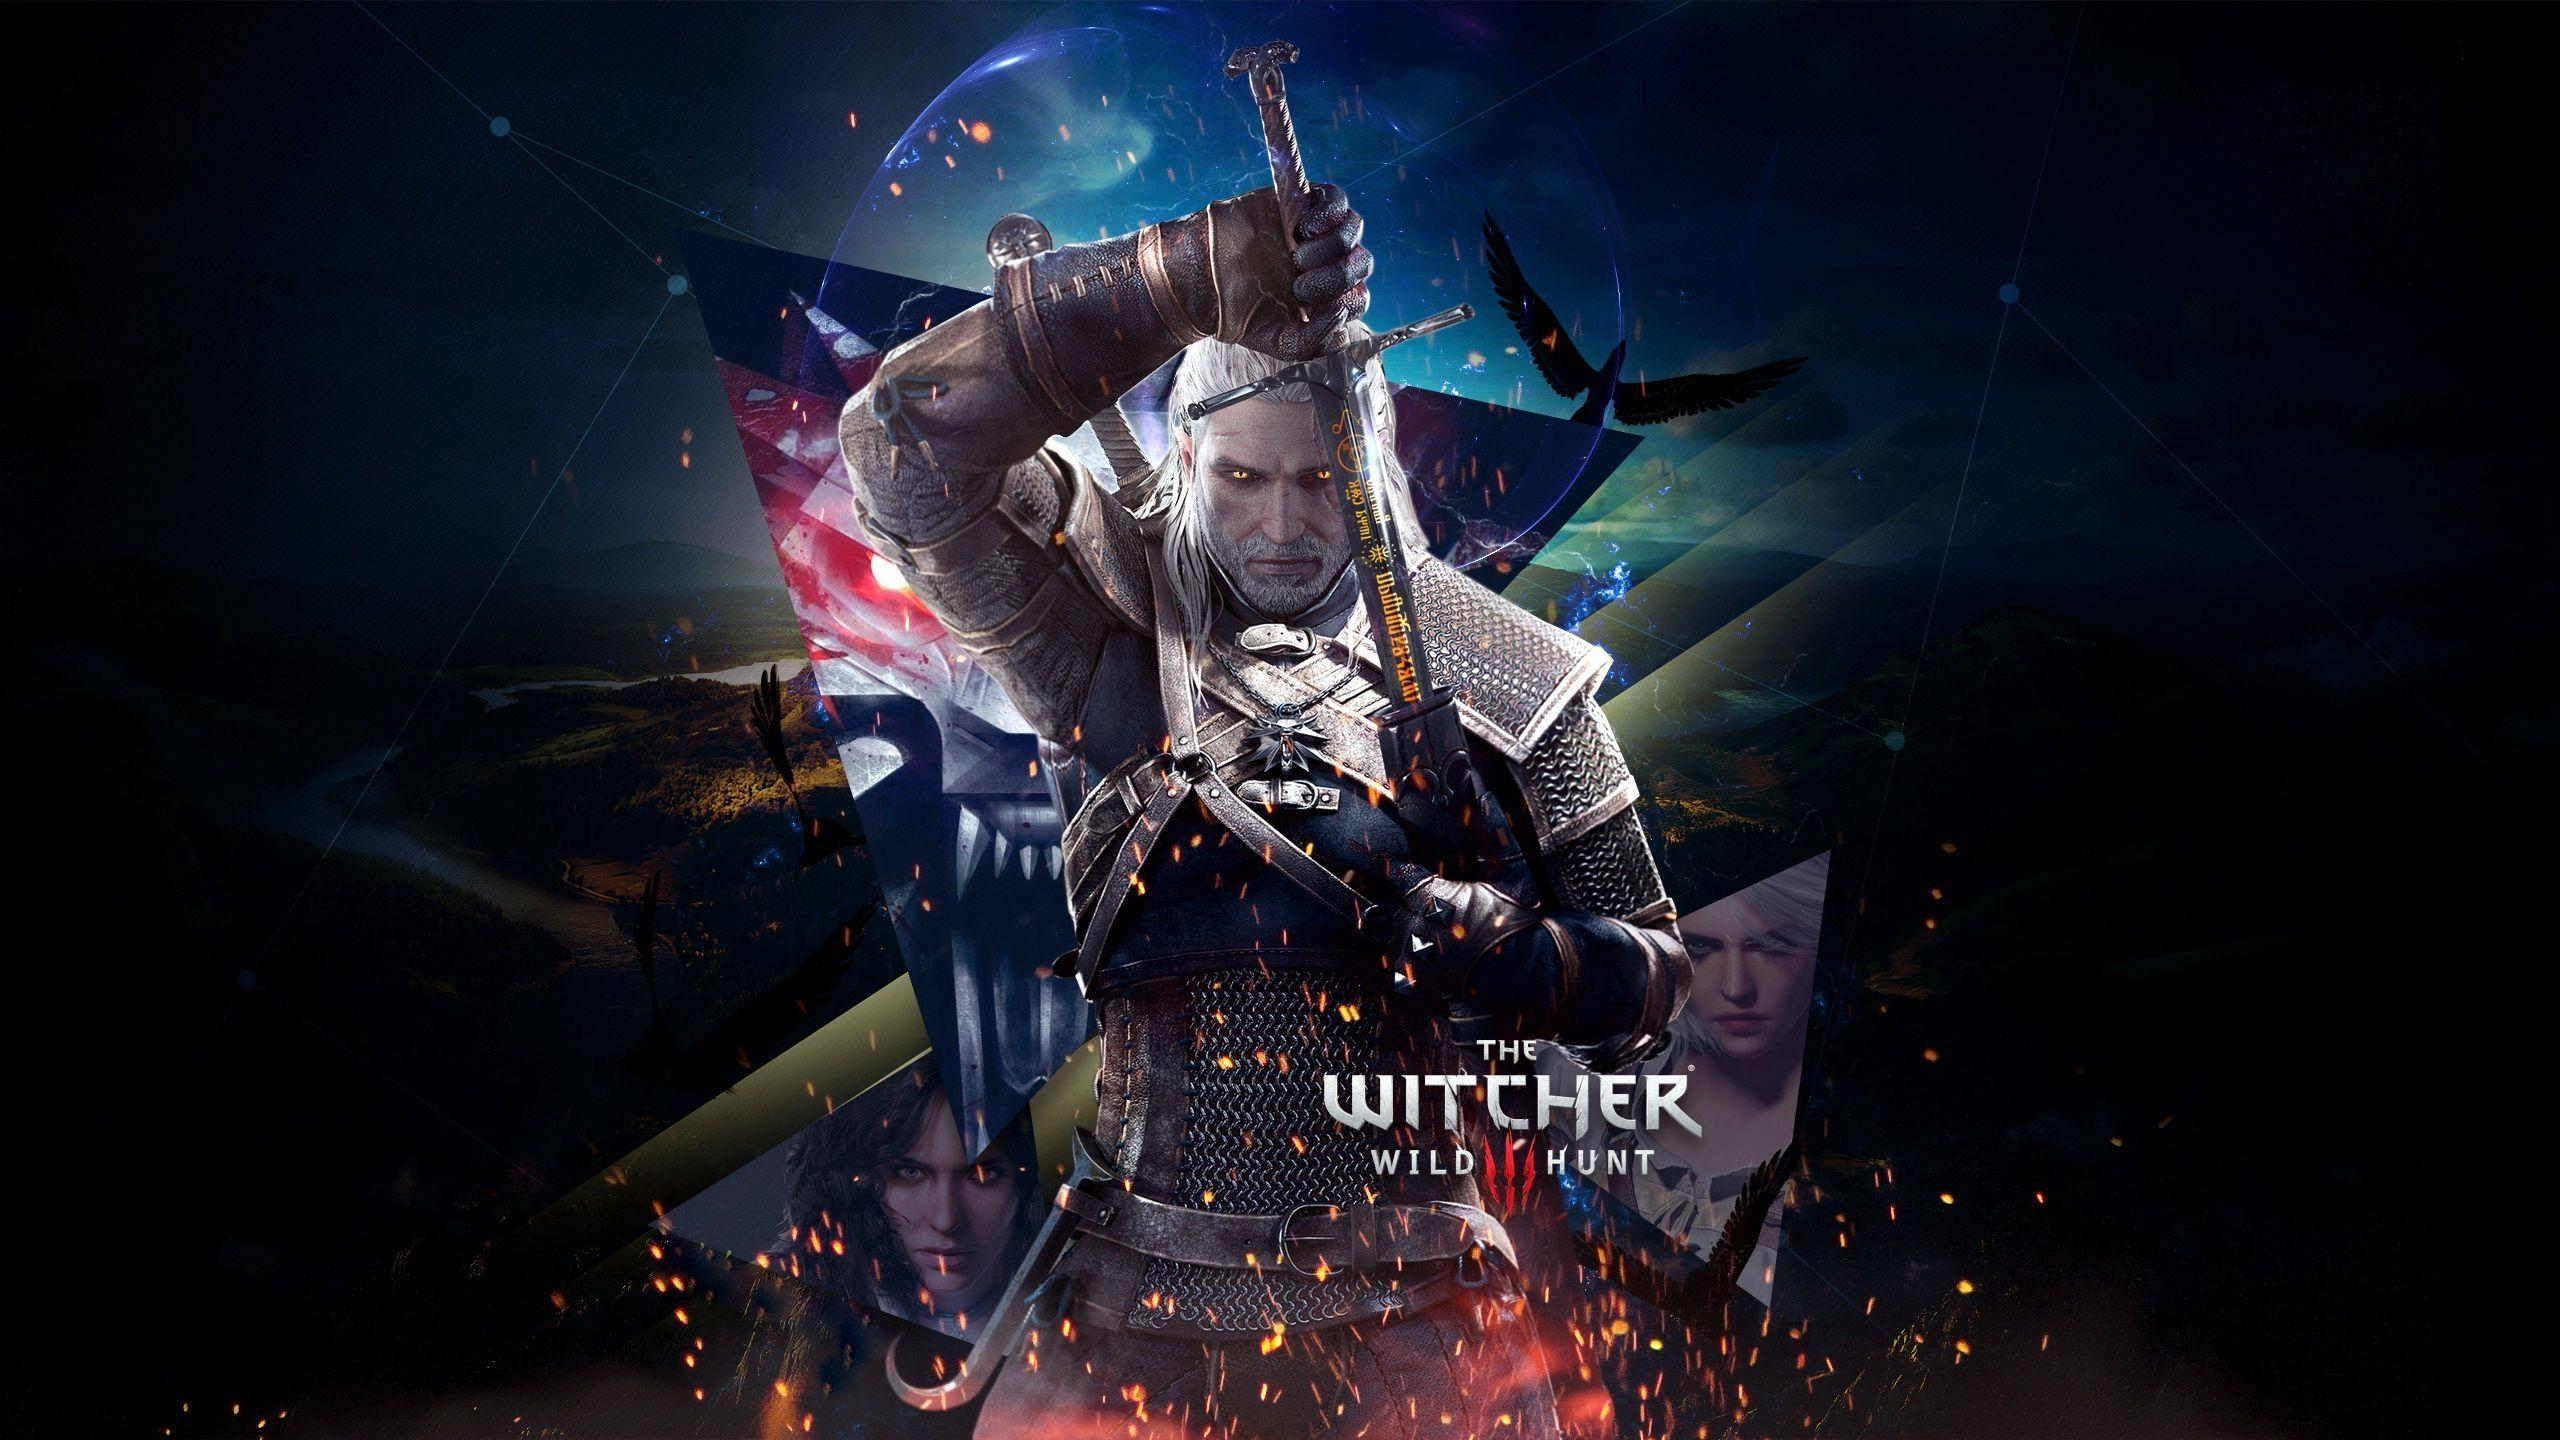 witcher 3 wallpaper 1920x1080 - szukaj w google | witcher 3 wild